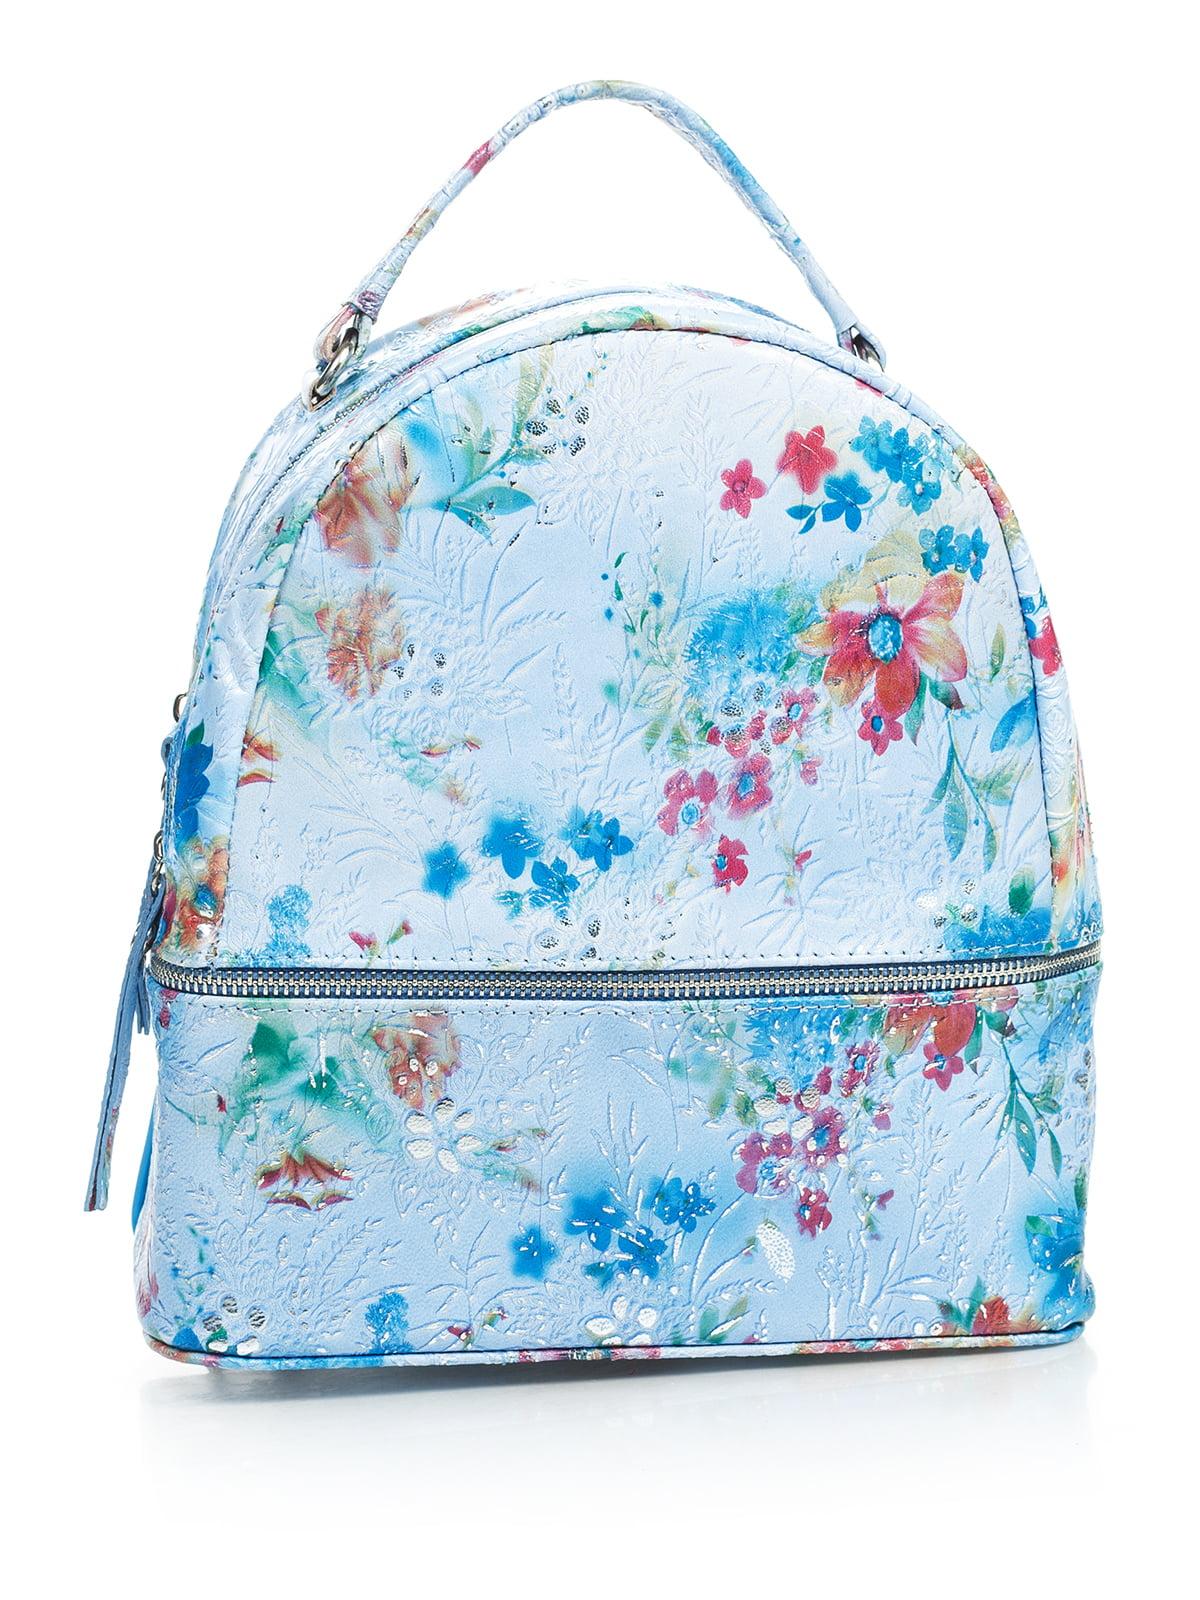 Рюкзак в цветочный принт | 4145423 | фото 2